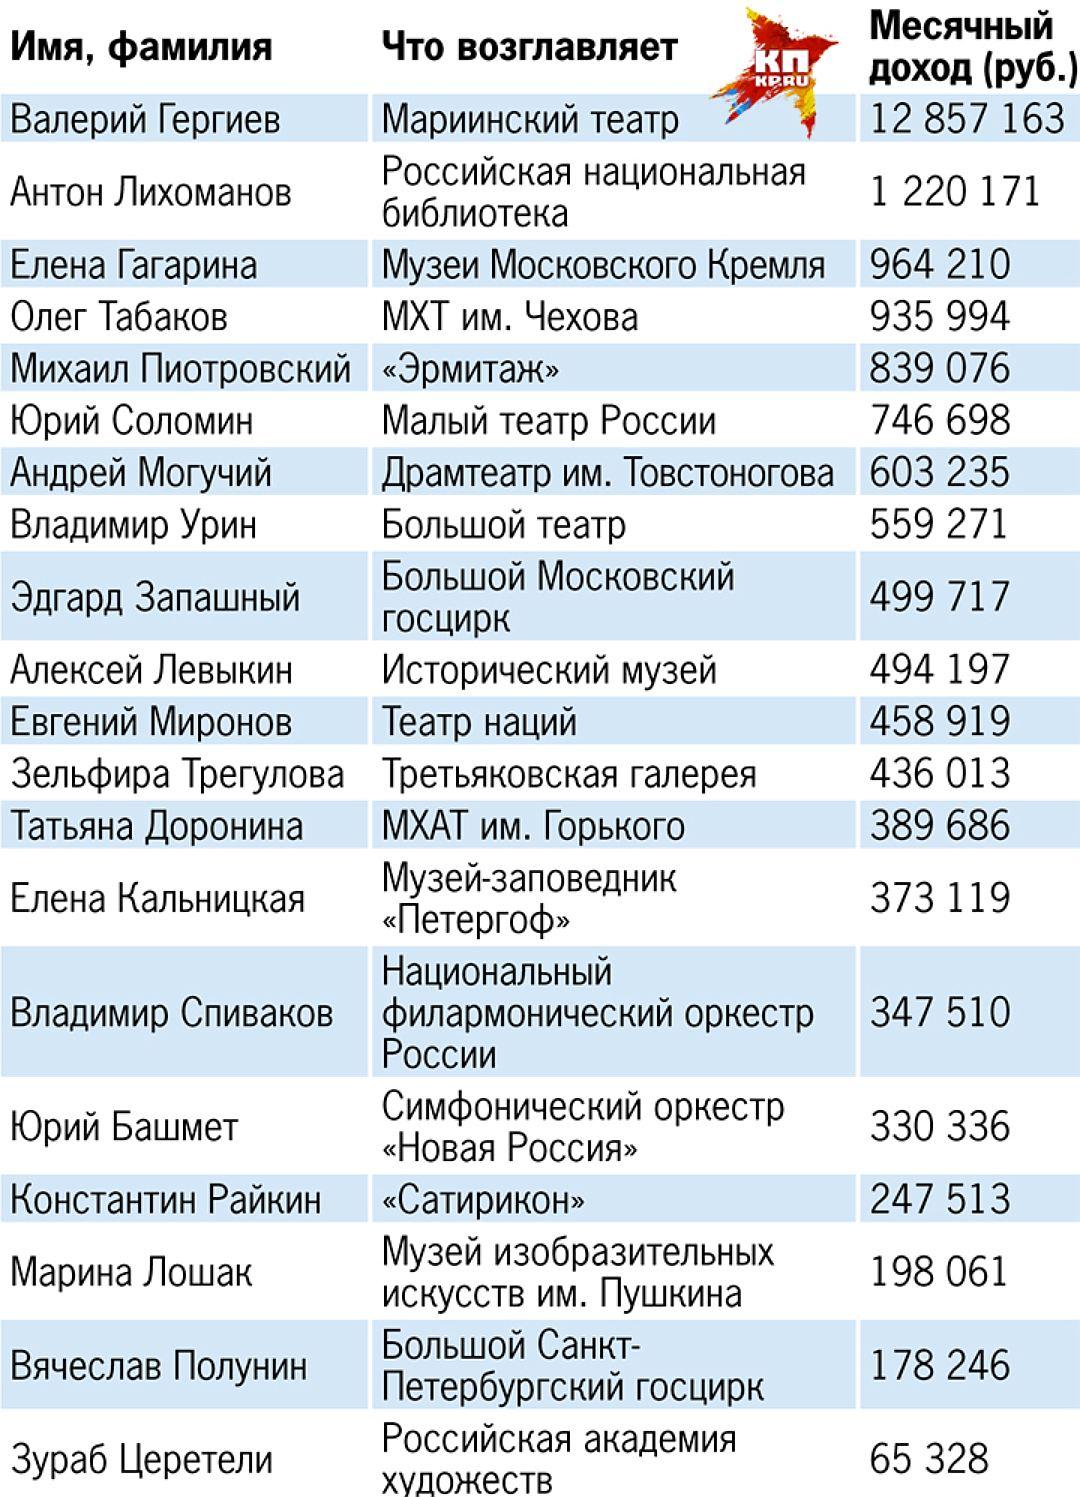 Ставки на футбол и статистика Кота Матроскина по Экспрессам за Январь-Февраль 2016